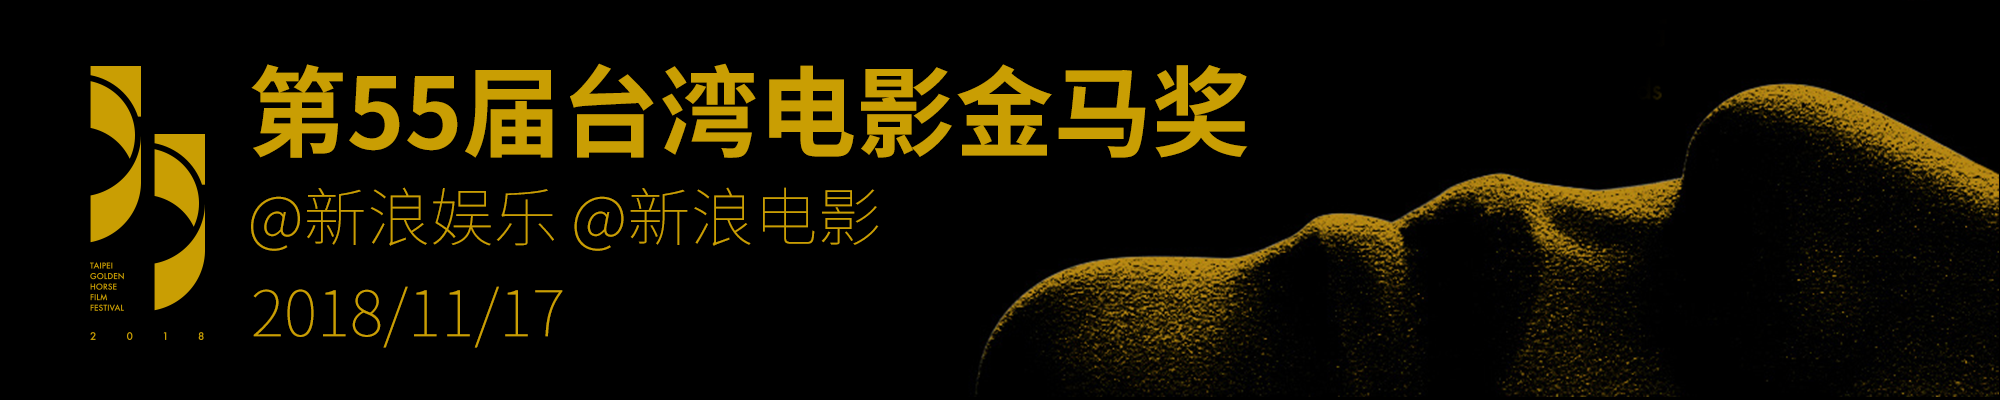 第55届台湾电影金马奖